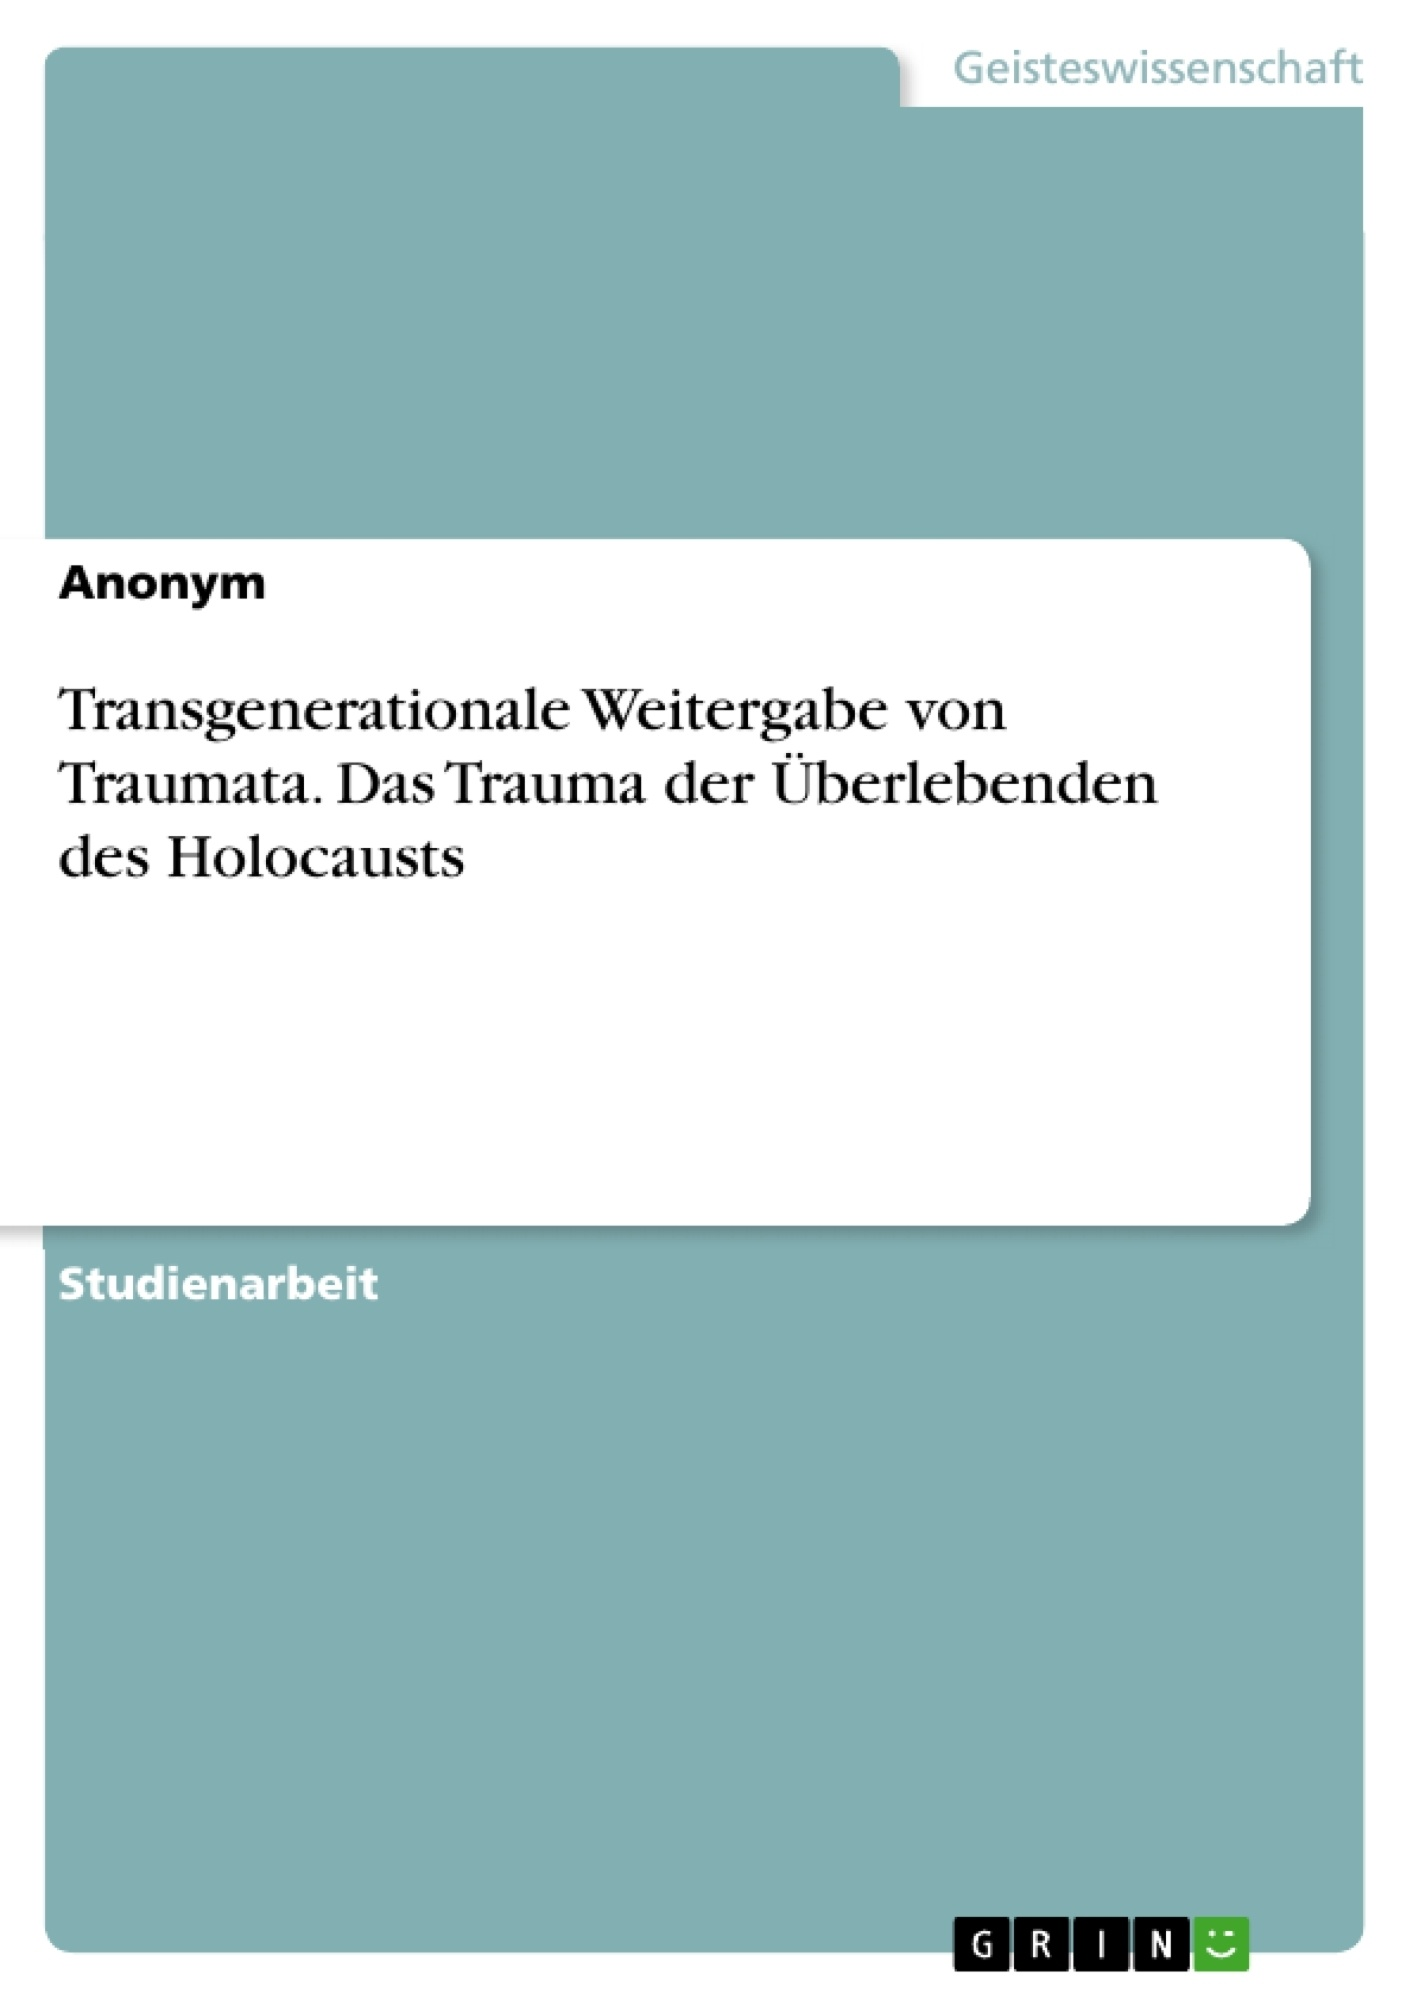 Titel: Transgenerationale Weitergabe von Traumata. Das Trauma der Überlebenden des Holocausts